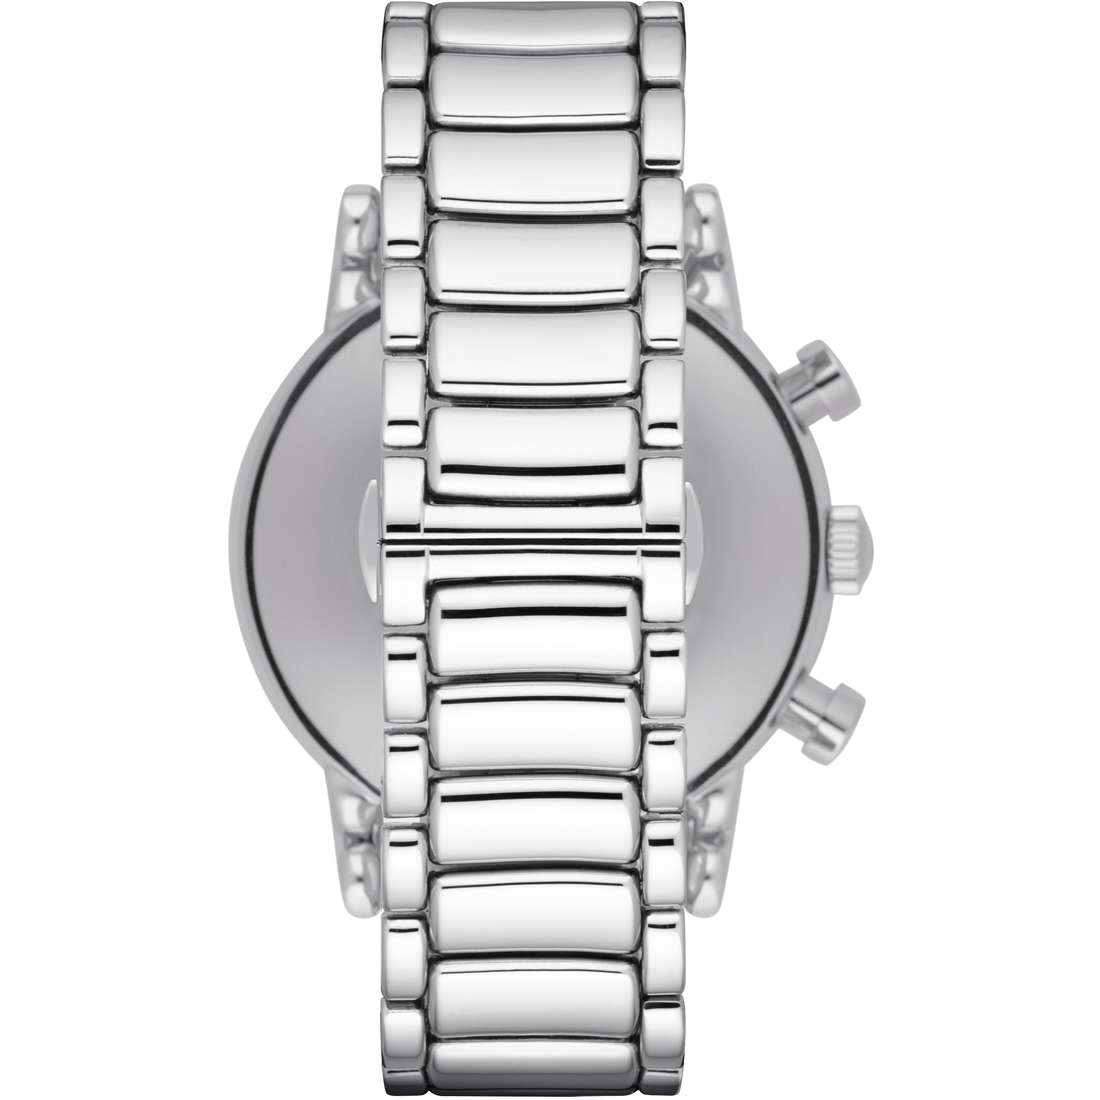 orologio cronografo uomo Emporio Armani Luigi AR1894